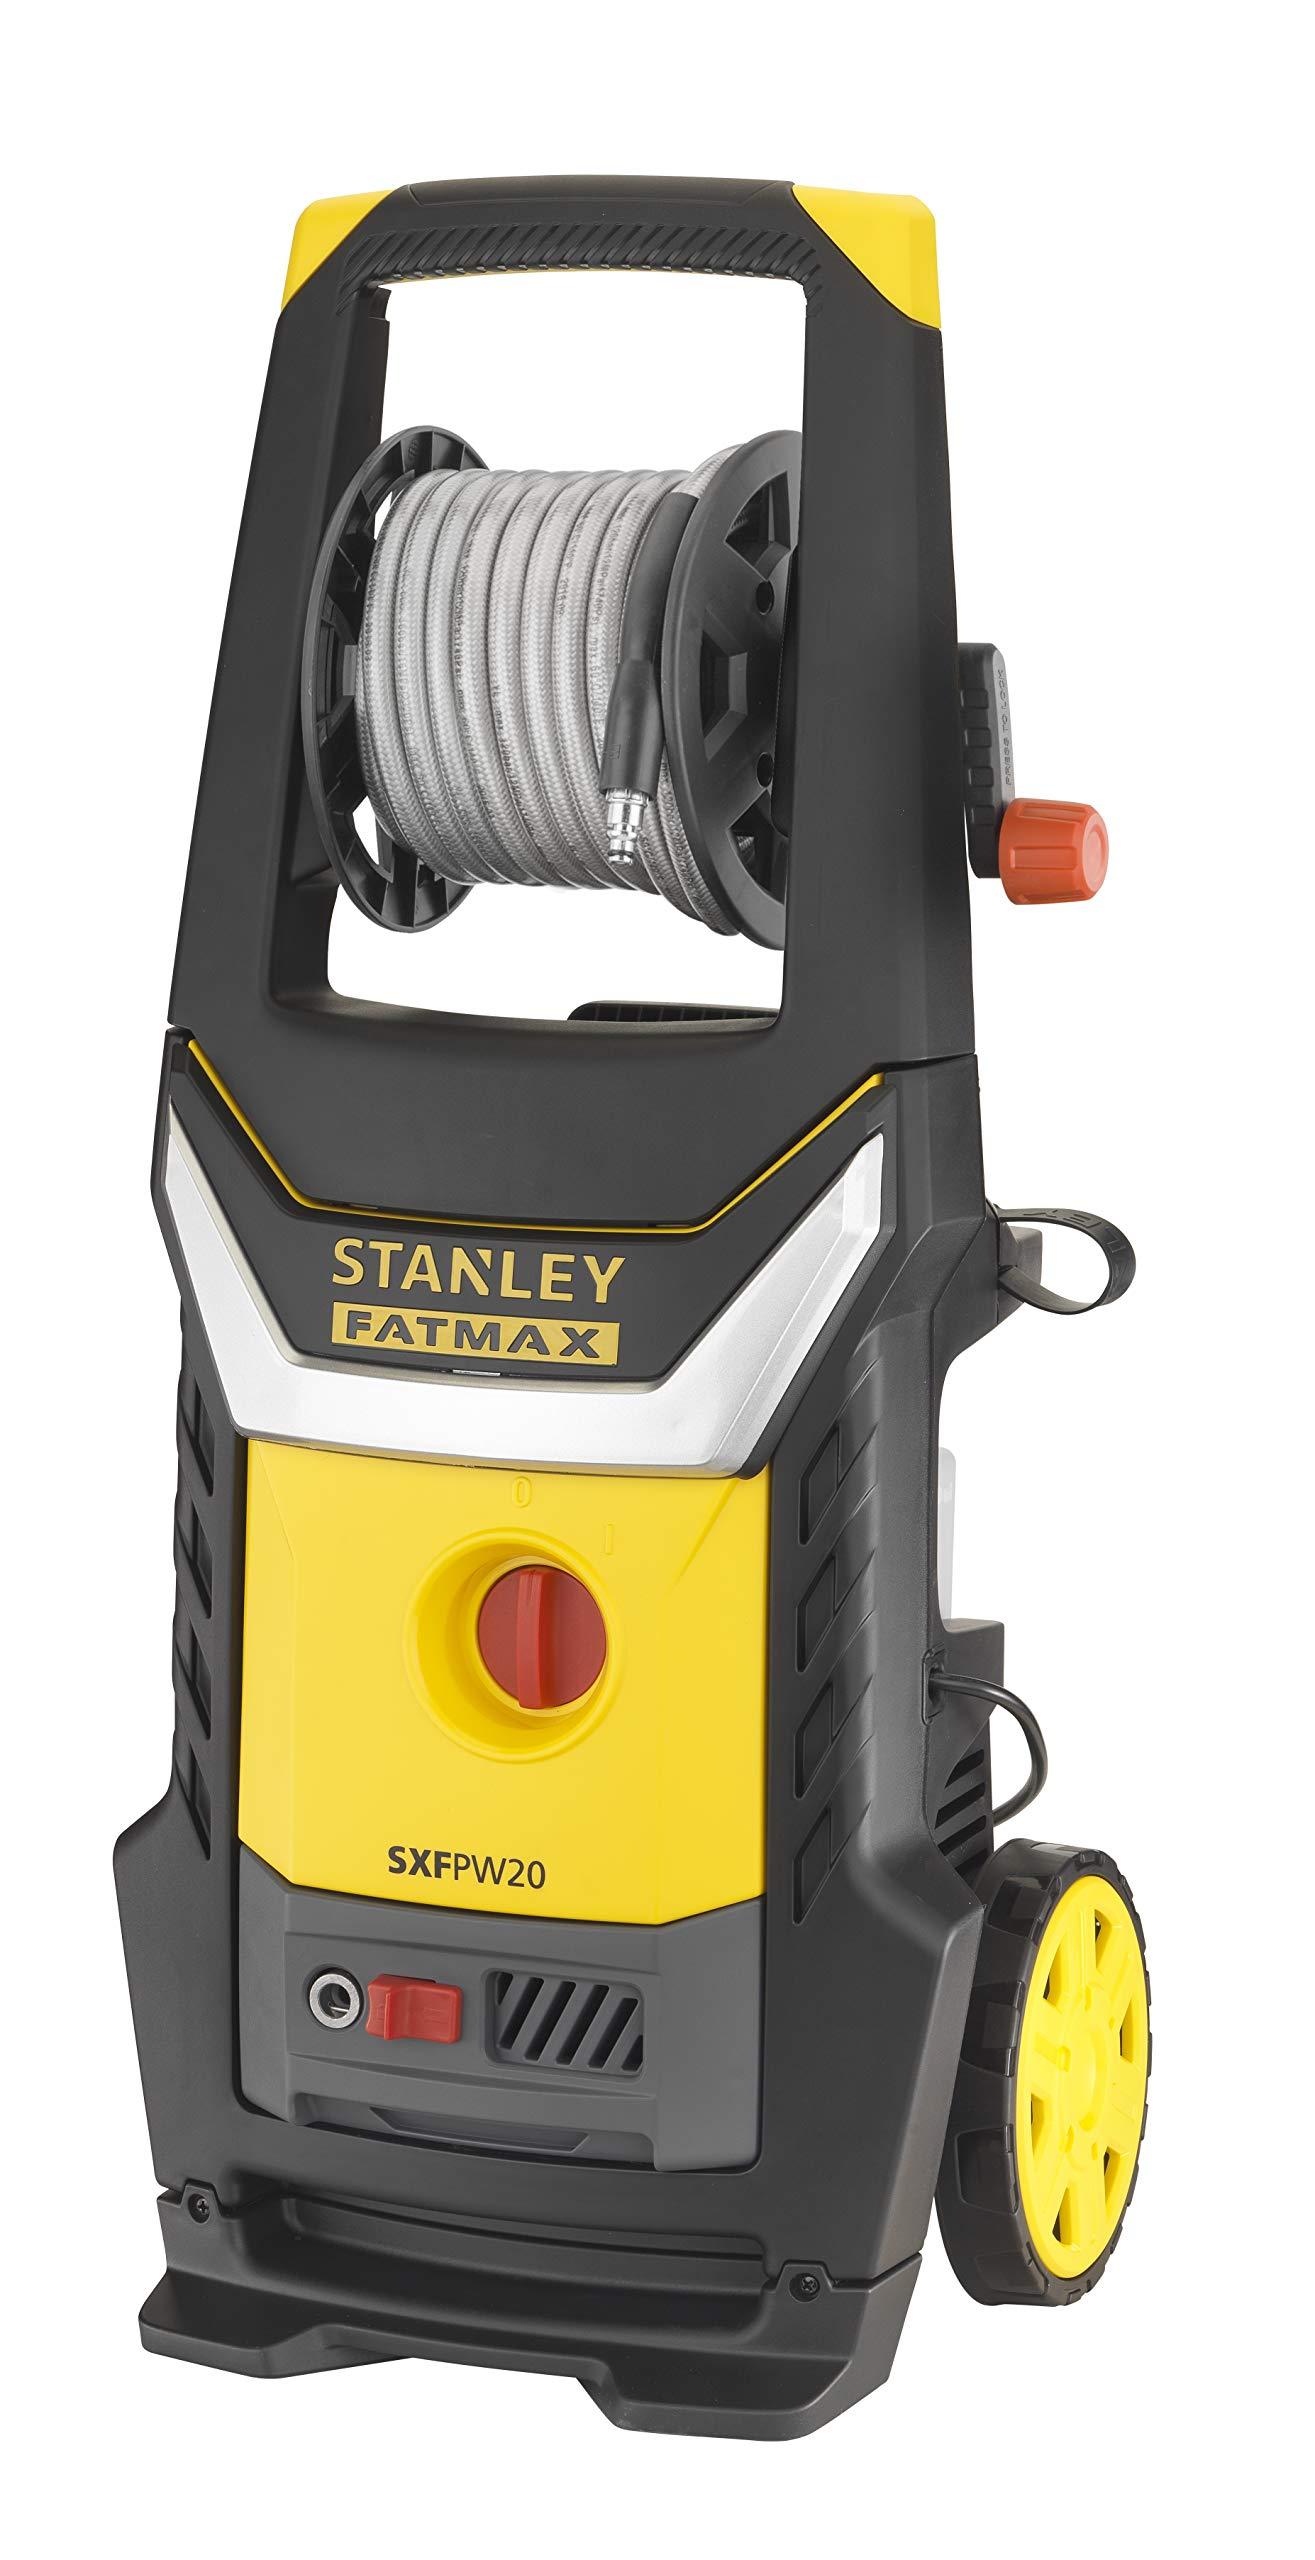 Stanley-Fatmax-SXFPW20E-Hochdruckreiniger-2000-W-140-bar-440-lh-mit-groen-Rdern